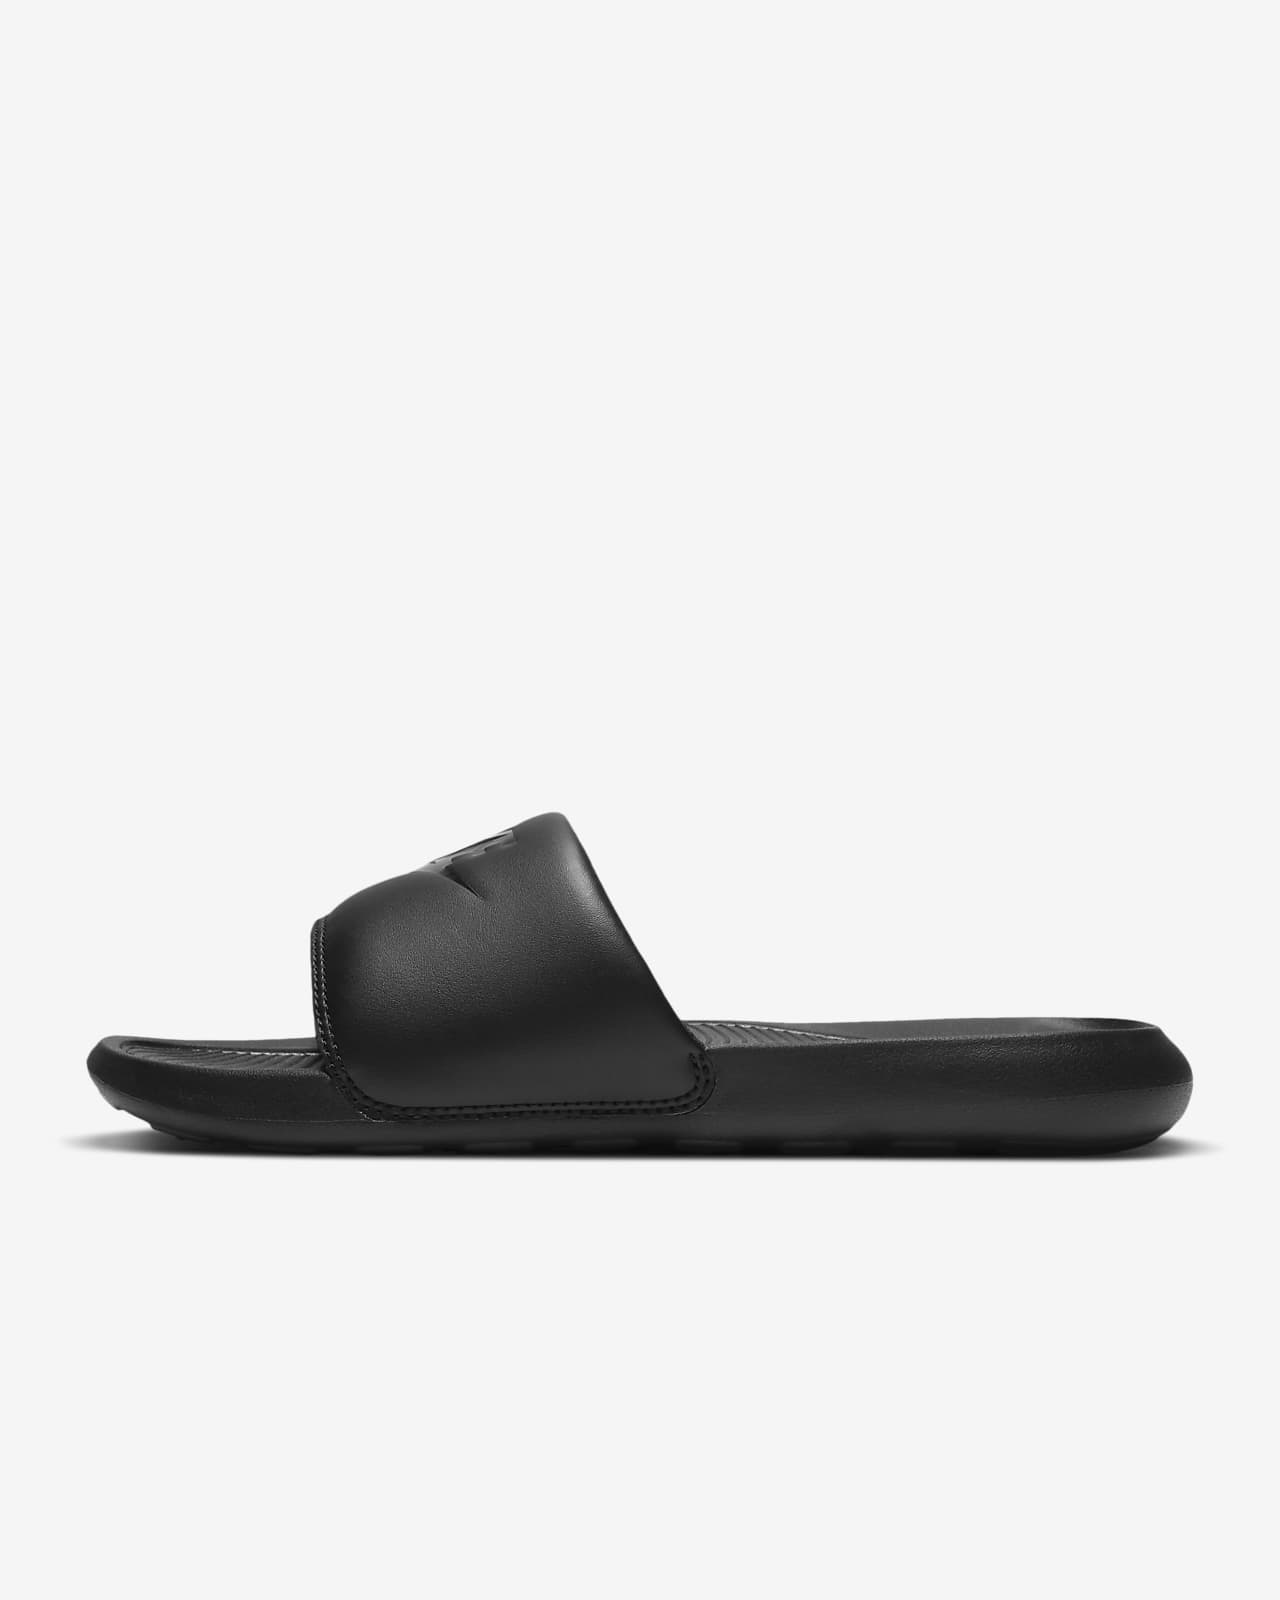 รองเท้าแตะผู้หญิงแบบสวม Nike Victori One